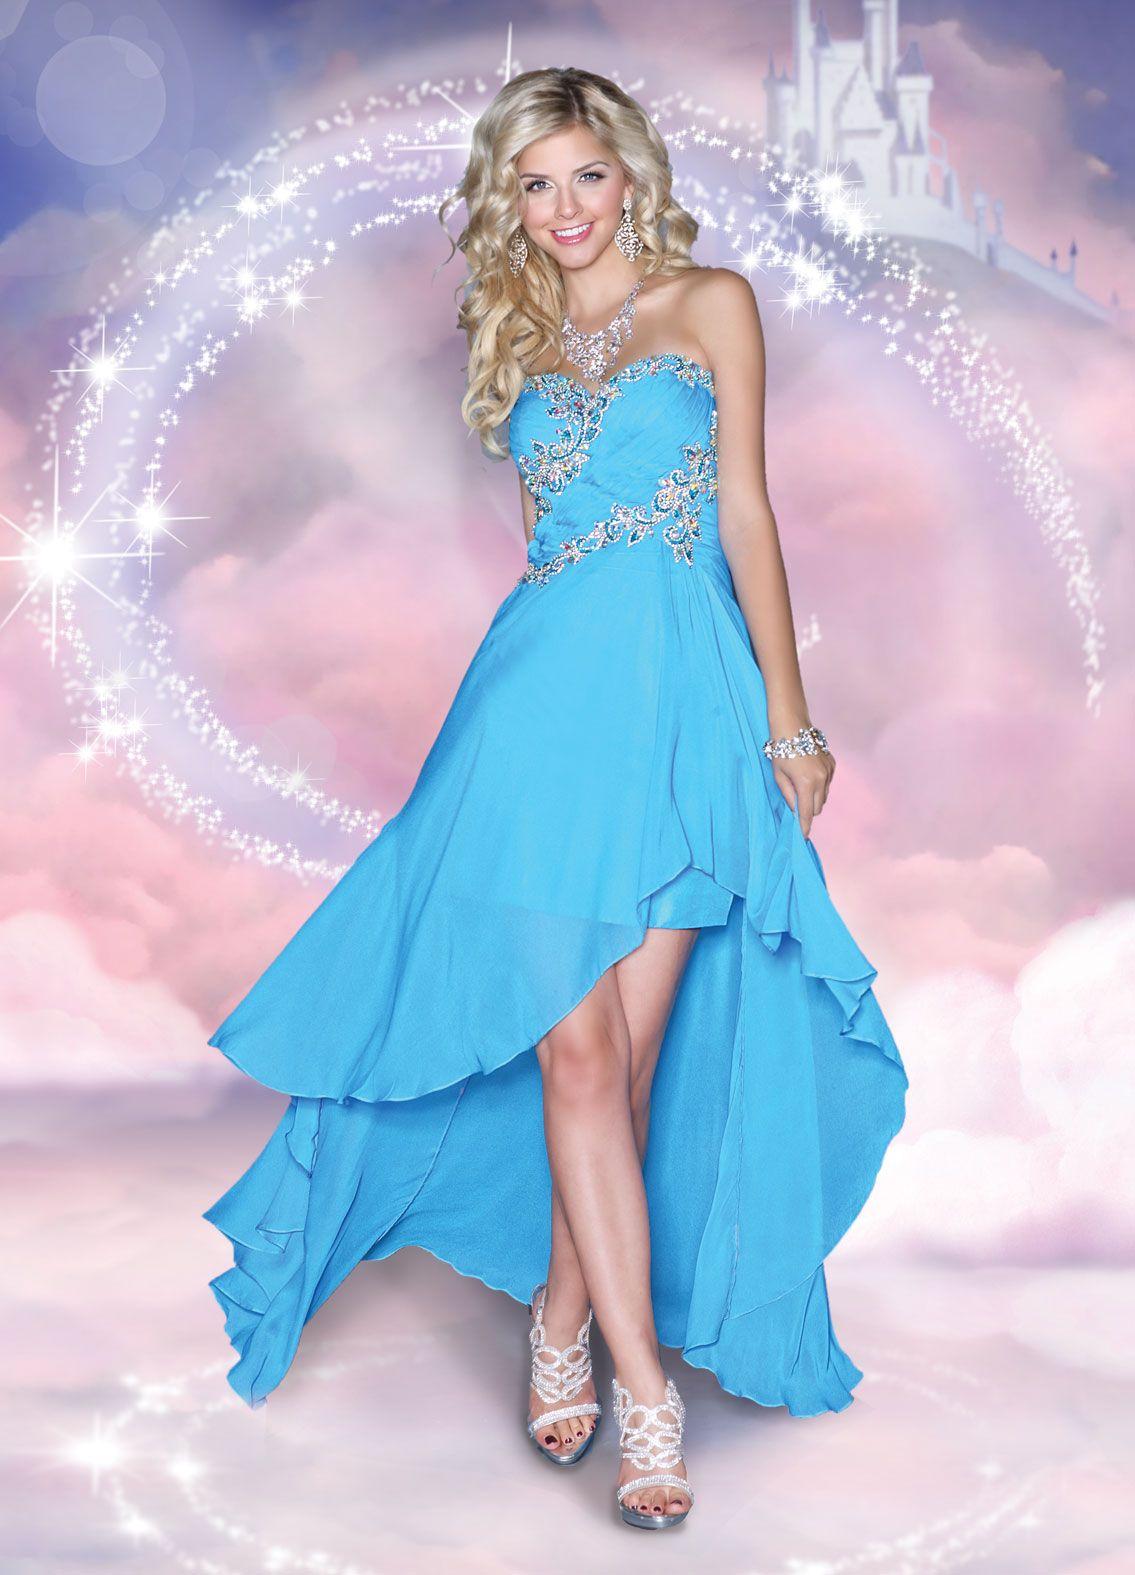 Disney Forever Enchanted Prom Dresses | Disney | Pinterest | Prom ...